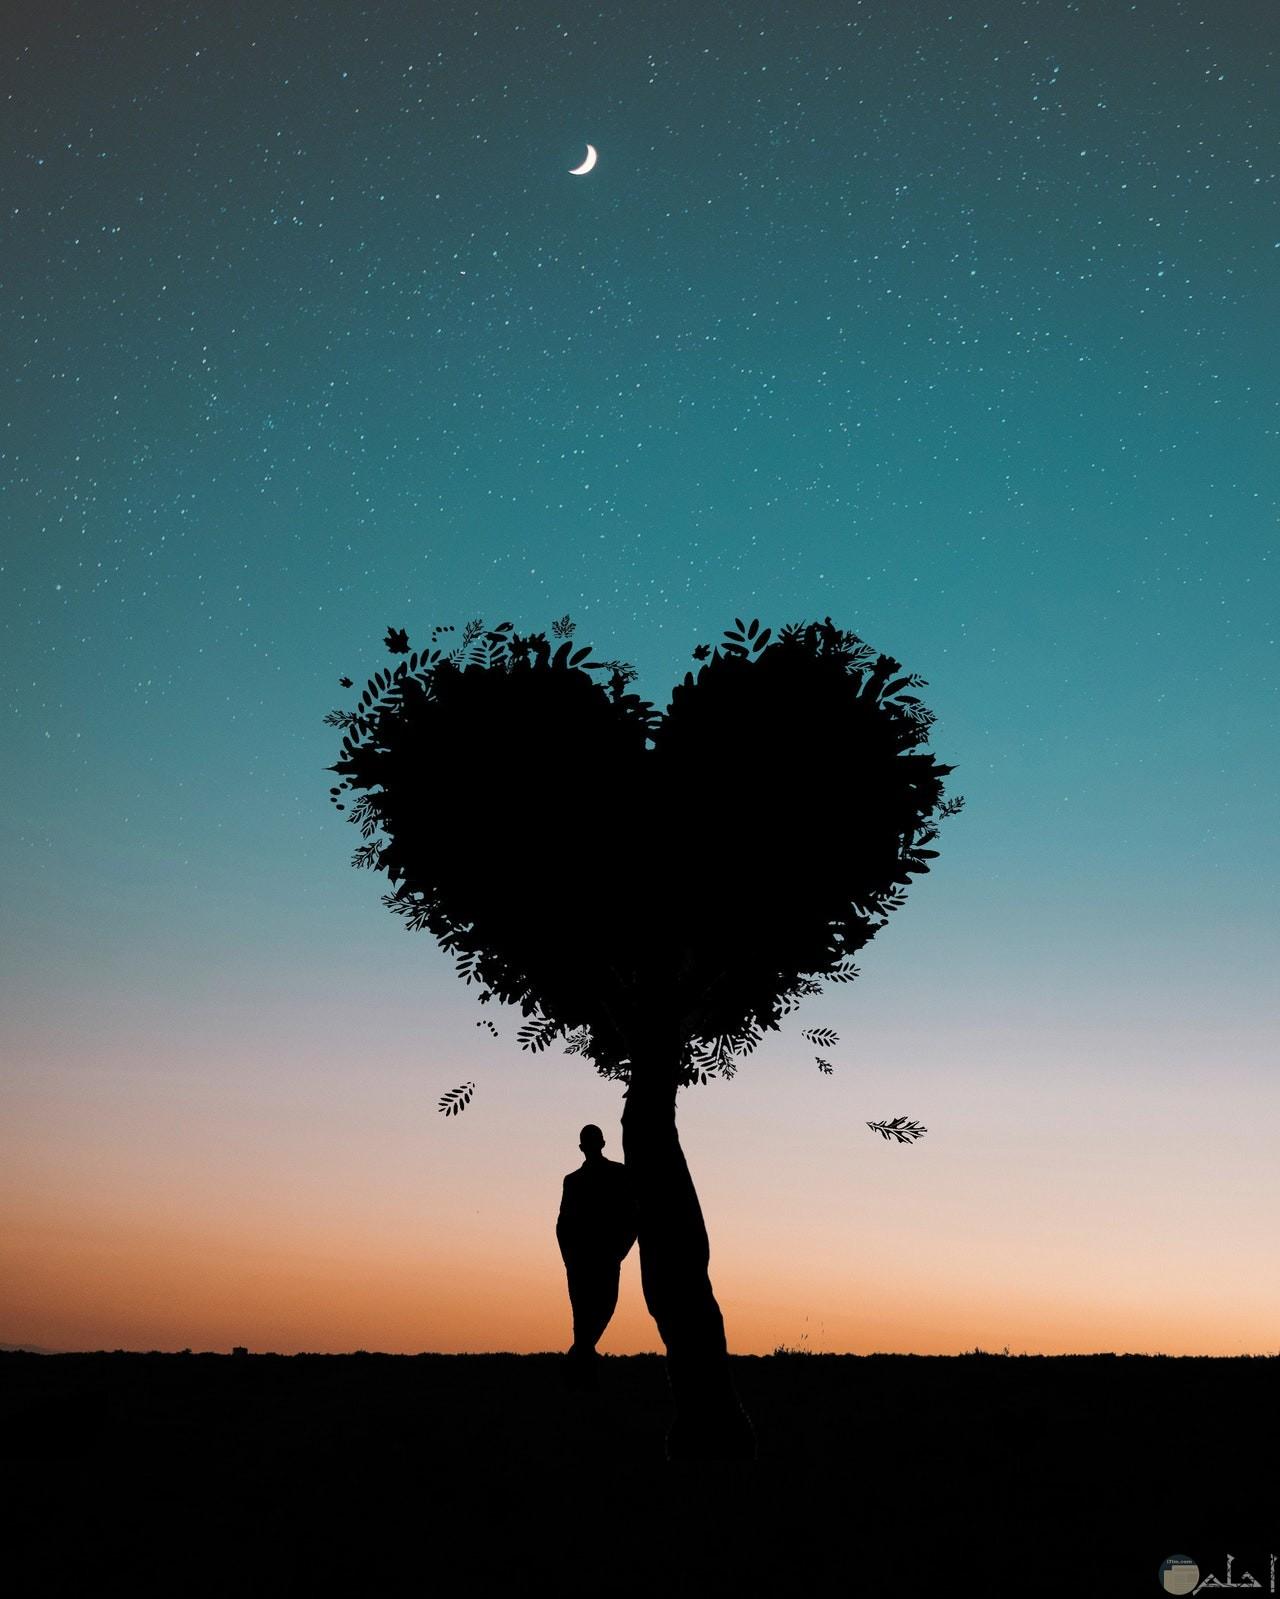 صورة رومانسية جميلة لشجرة علي شكل قلب بجانبها رجل